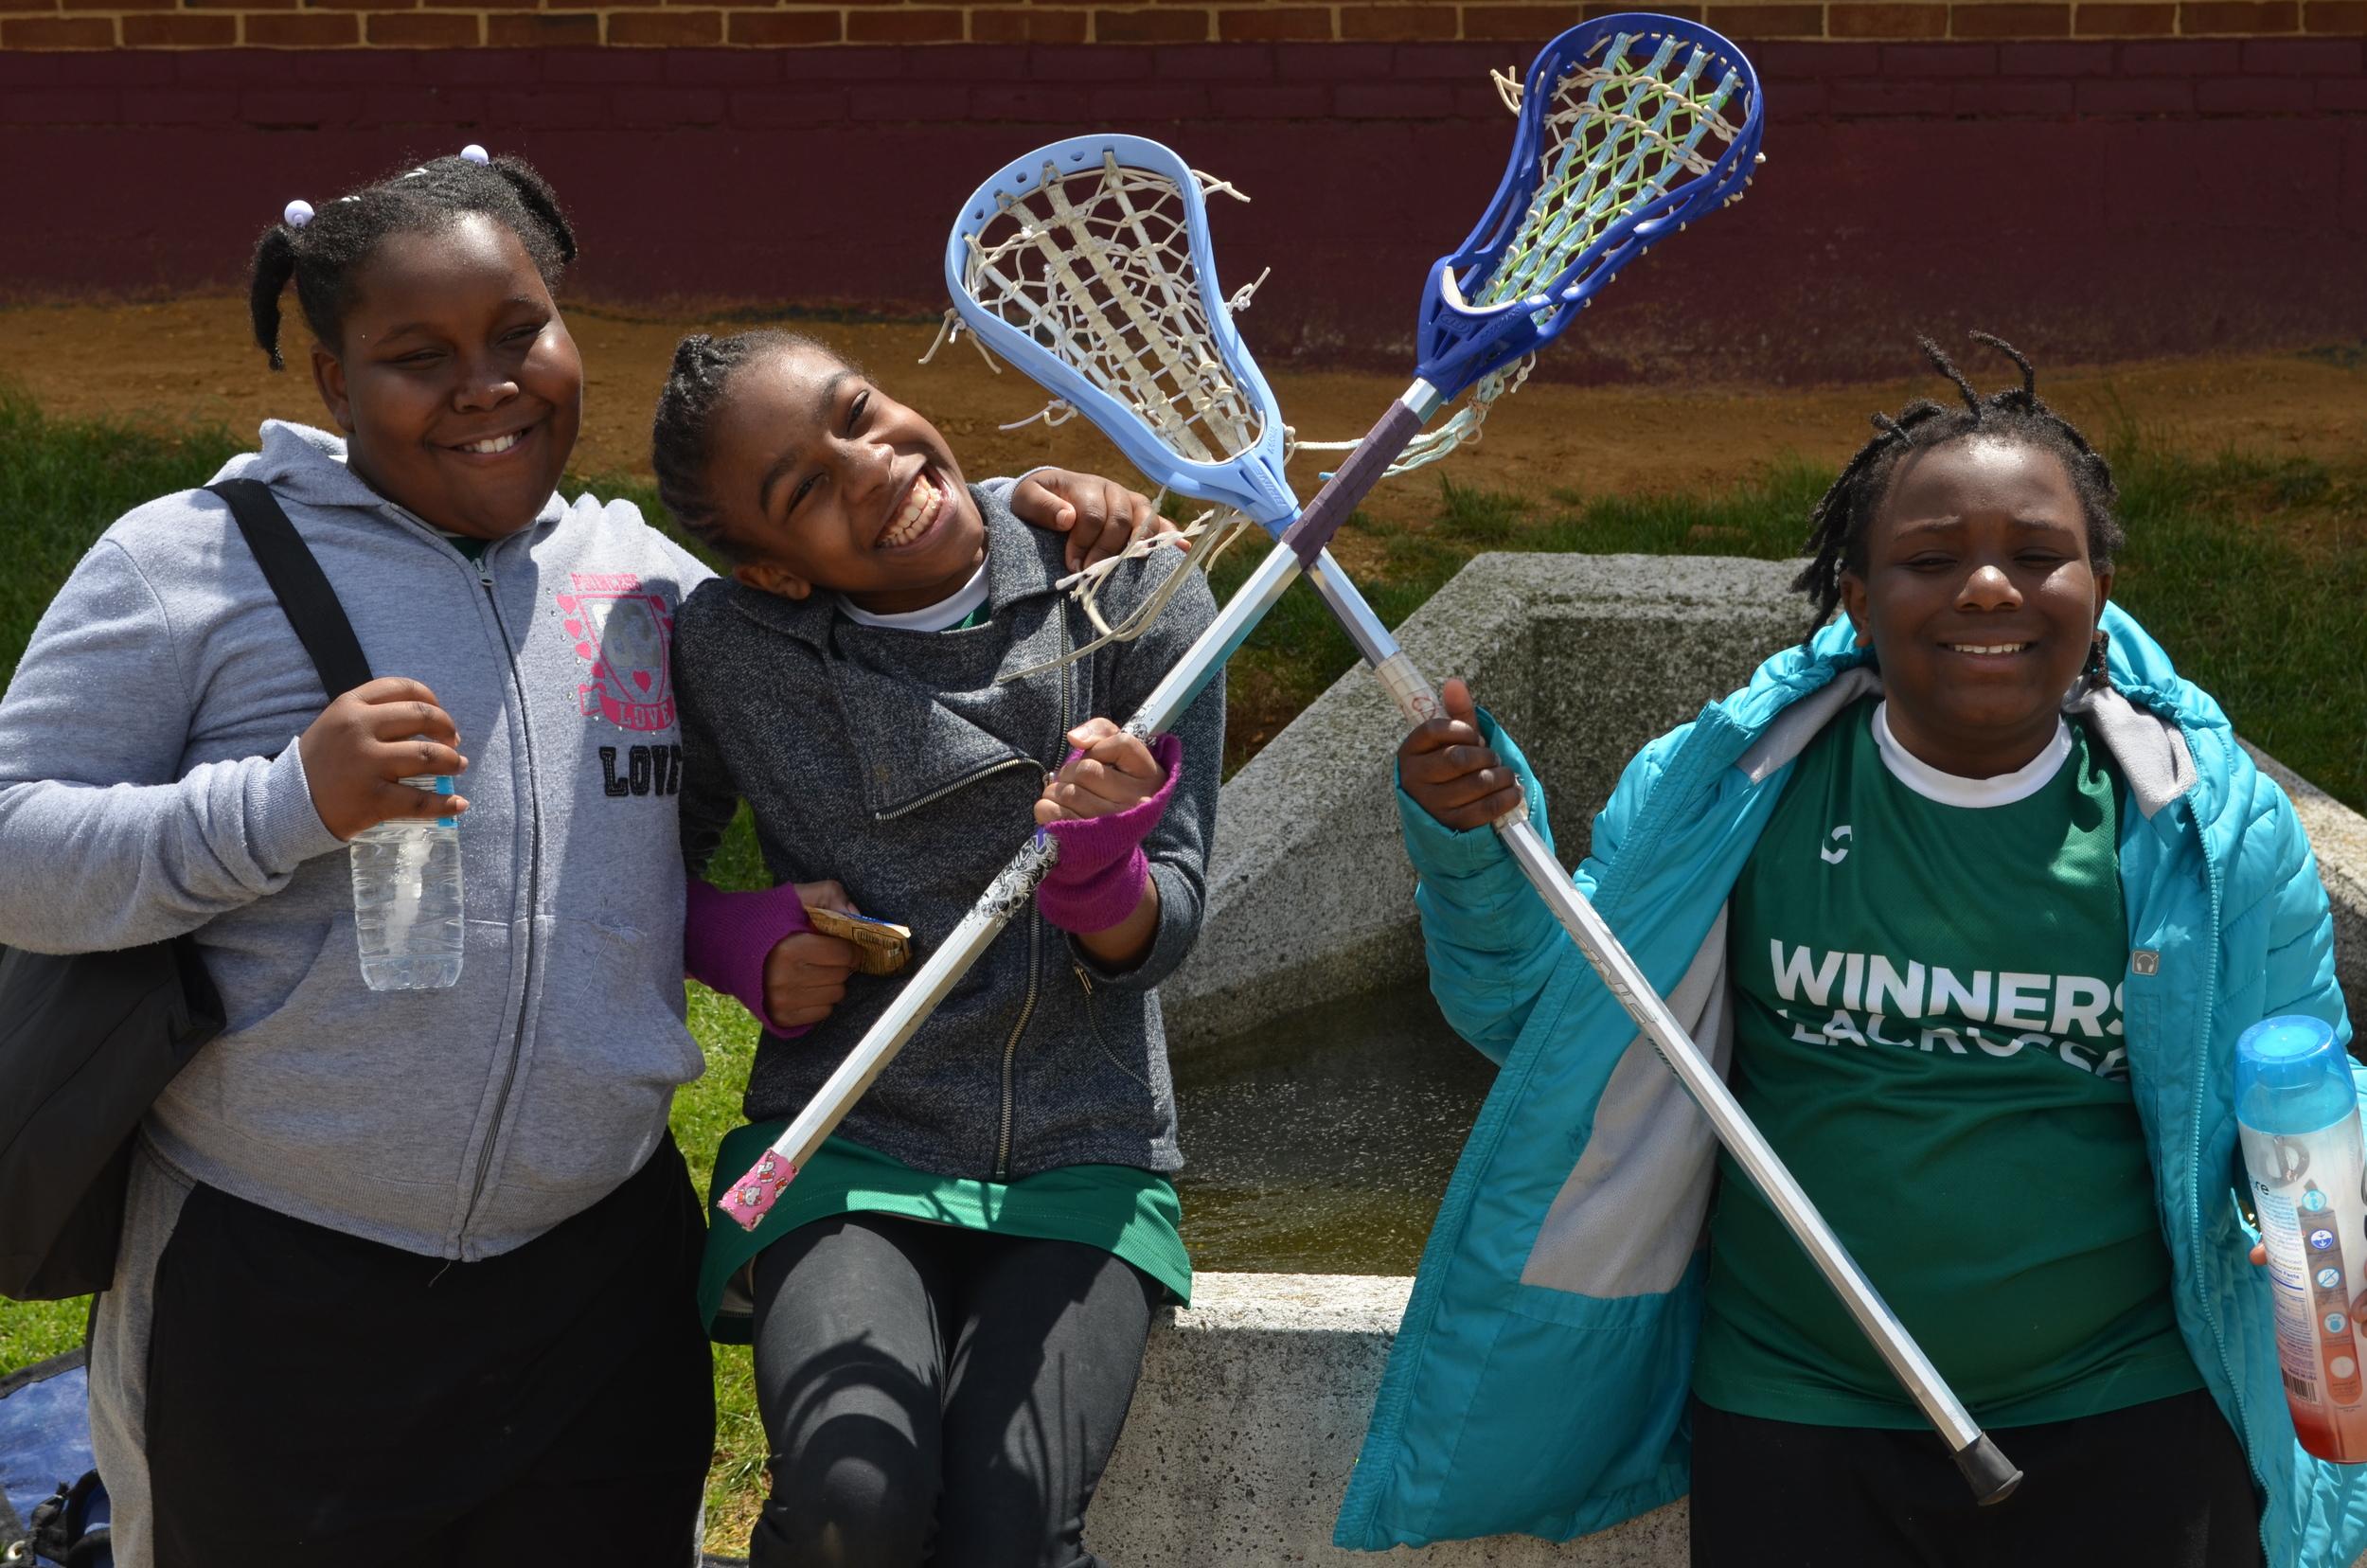 Excel Academy WINNERS Lacrosse girls team